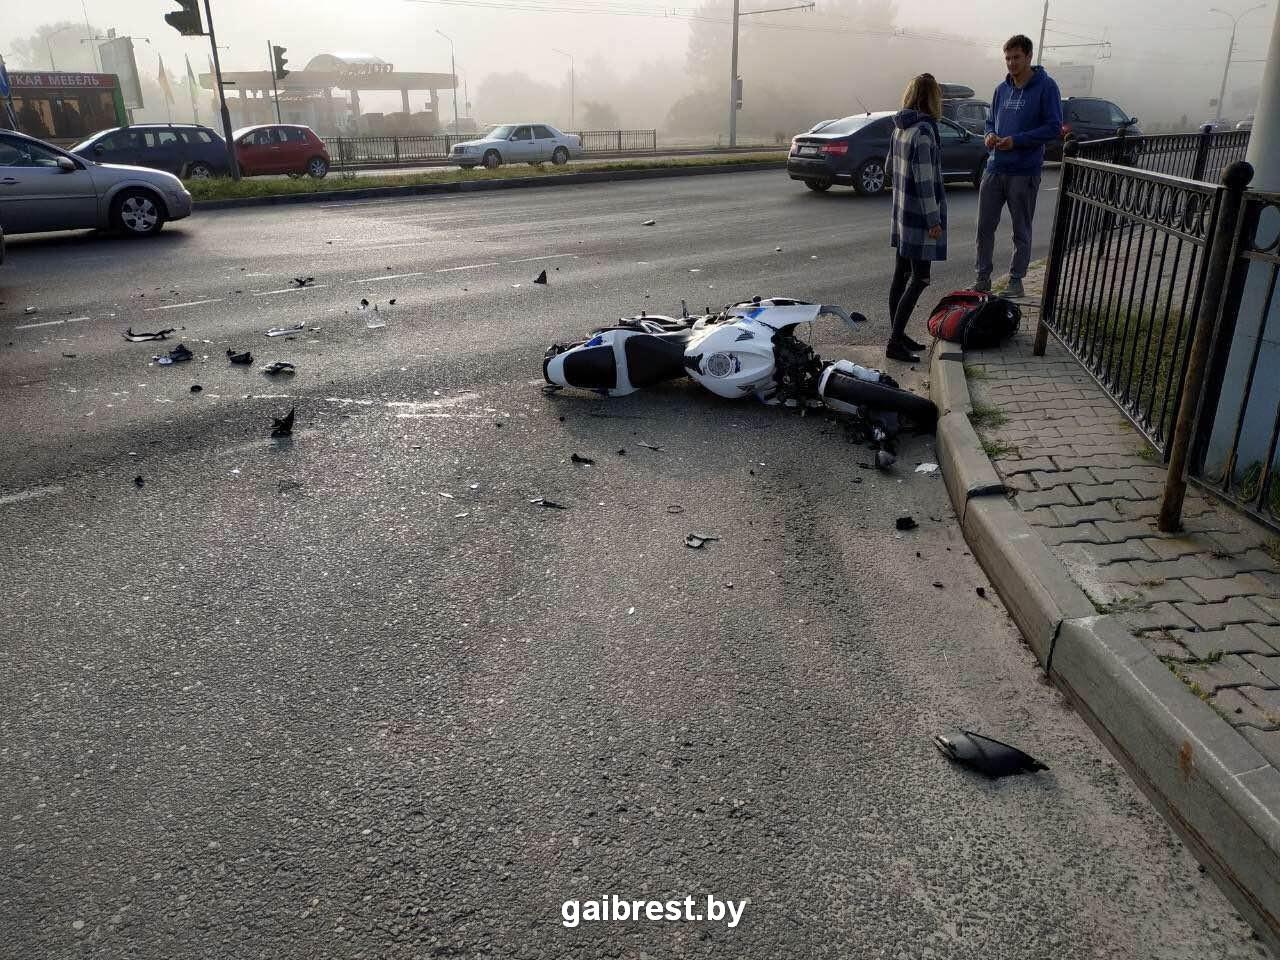 В ГАИ рассказали обстоятельства ДТП с участием мотоциклиста сегодня утром в Бресте